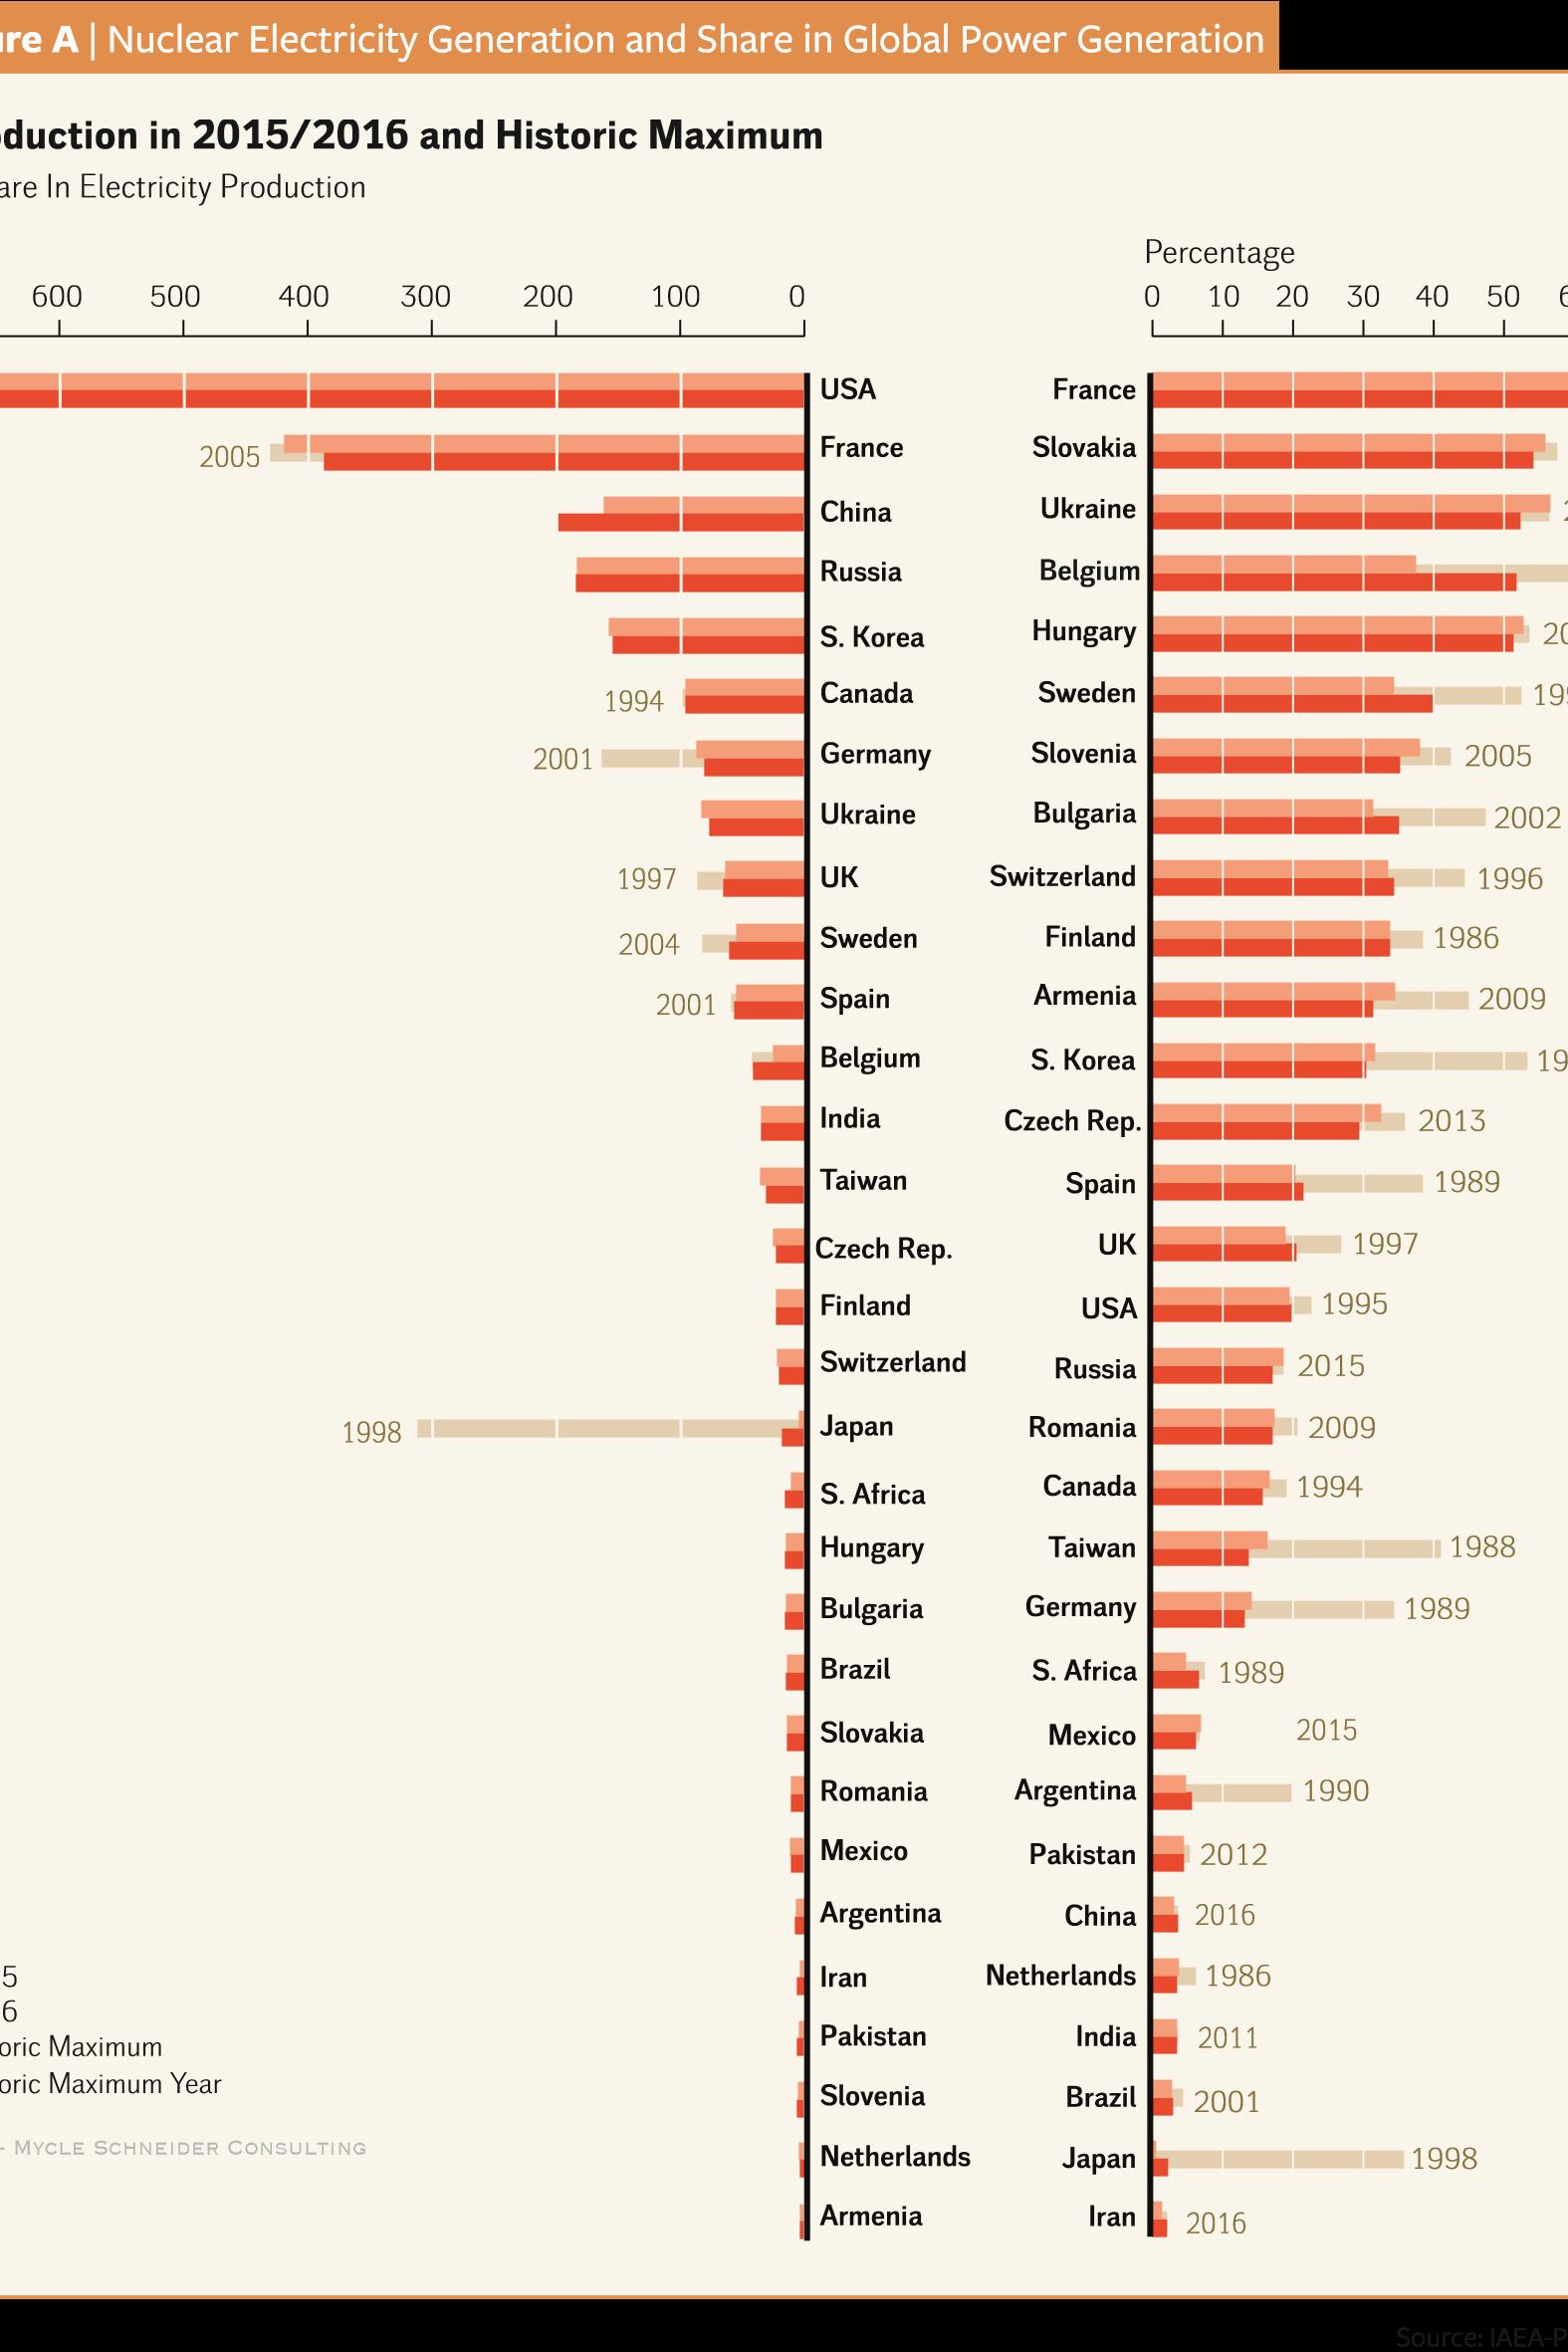 La production d'électricité en 2015-2016 a été à son maximum (source IAEA-Pris-2017)